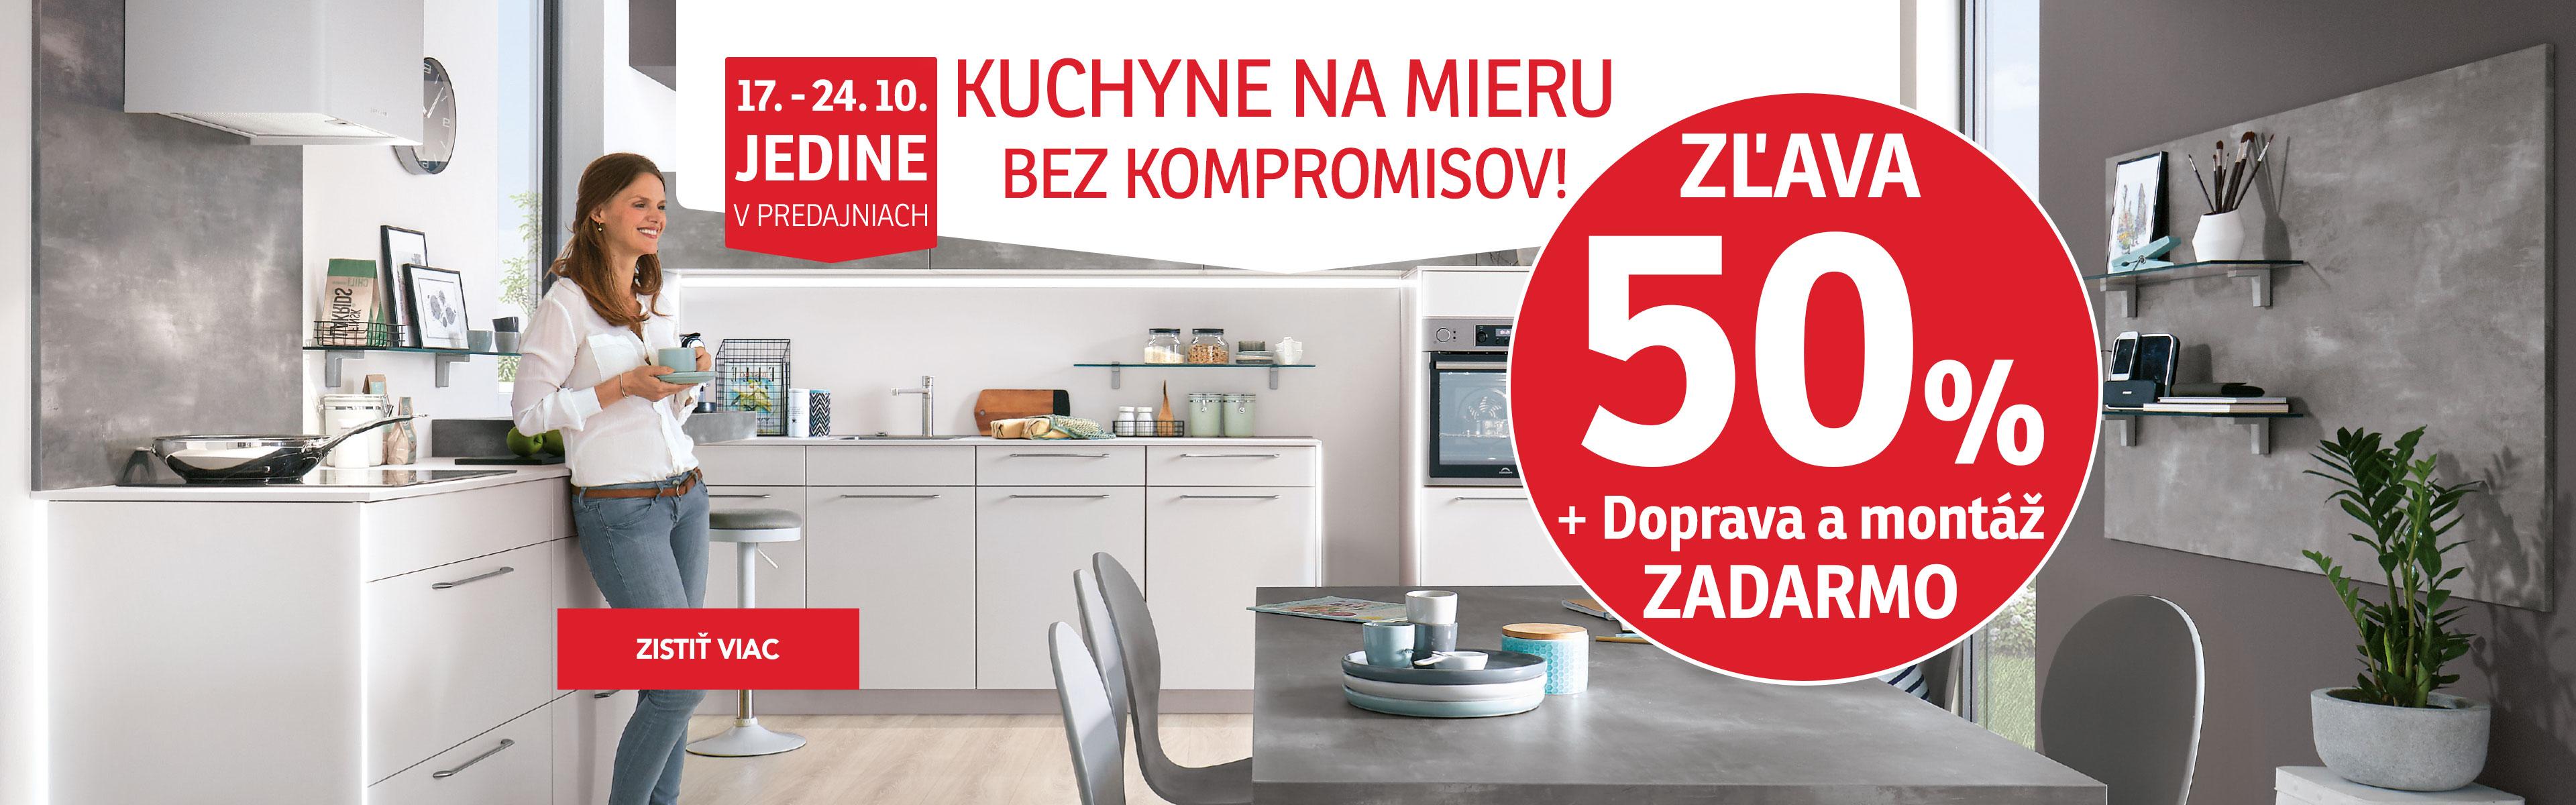 Kuchyně 50% 910-s1 2